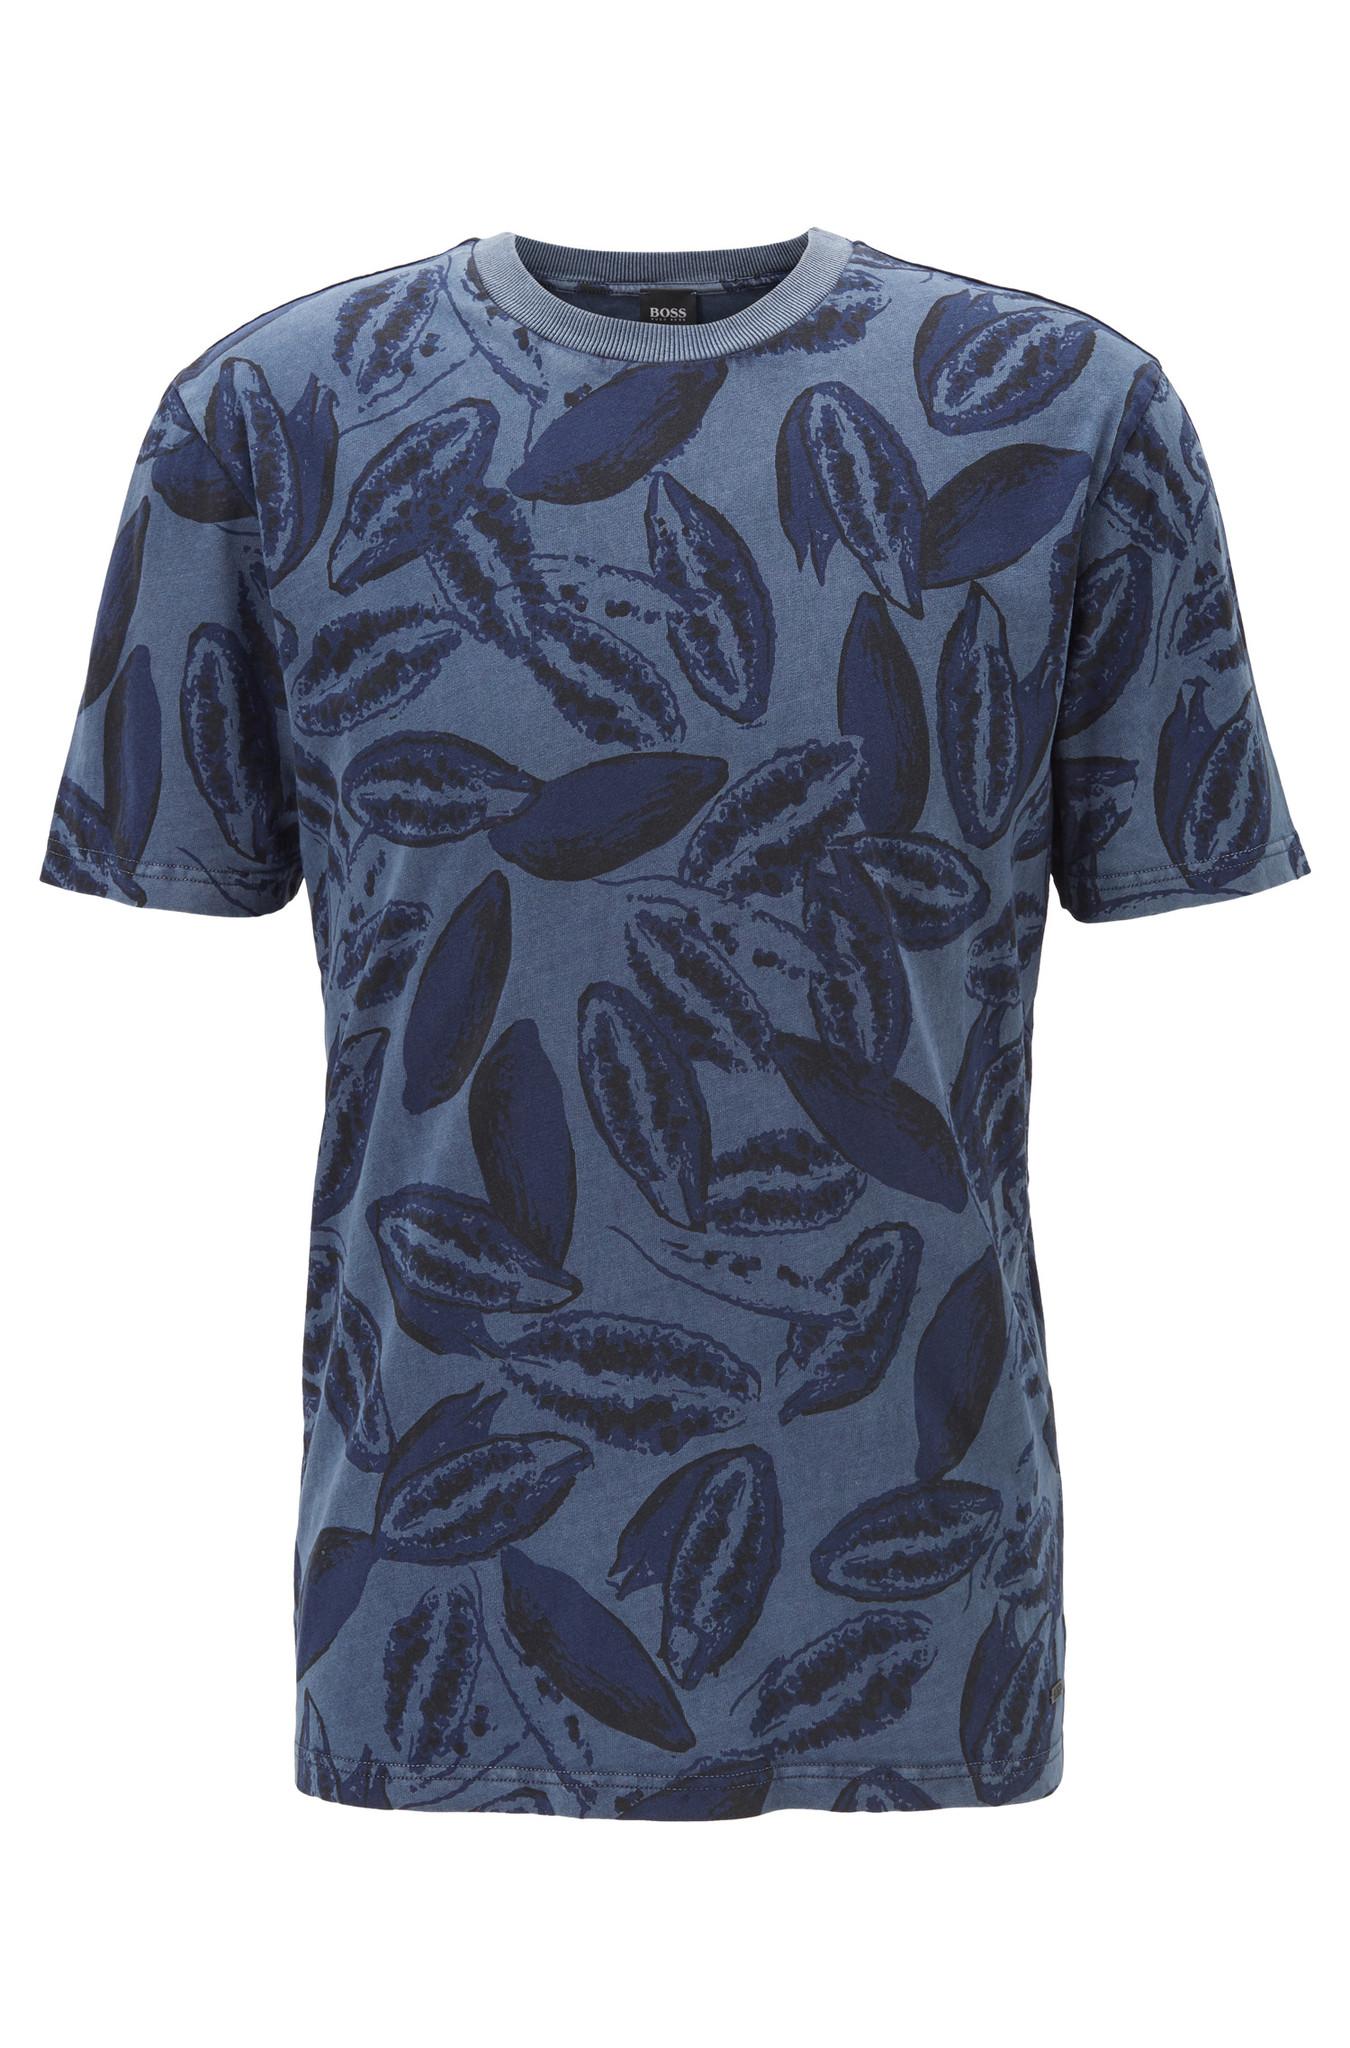 Boss Casual T-shirt Boss Casual 50428751-404